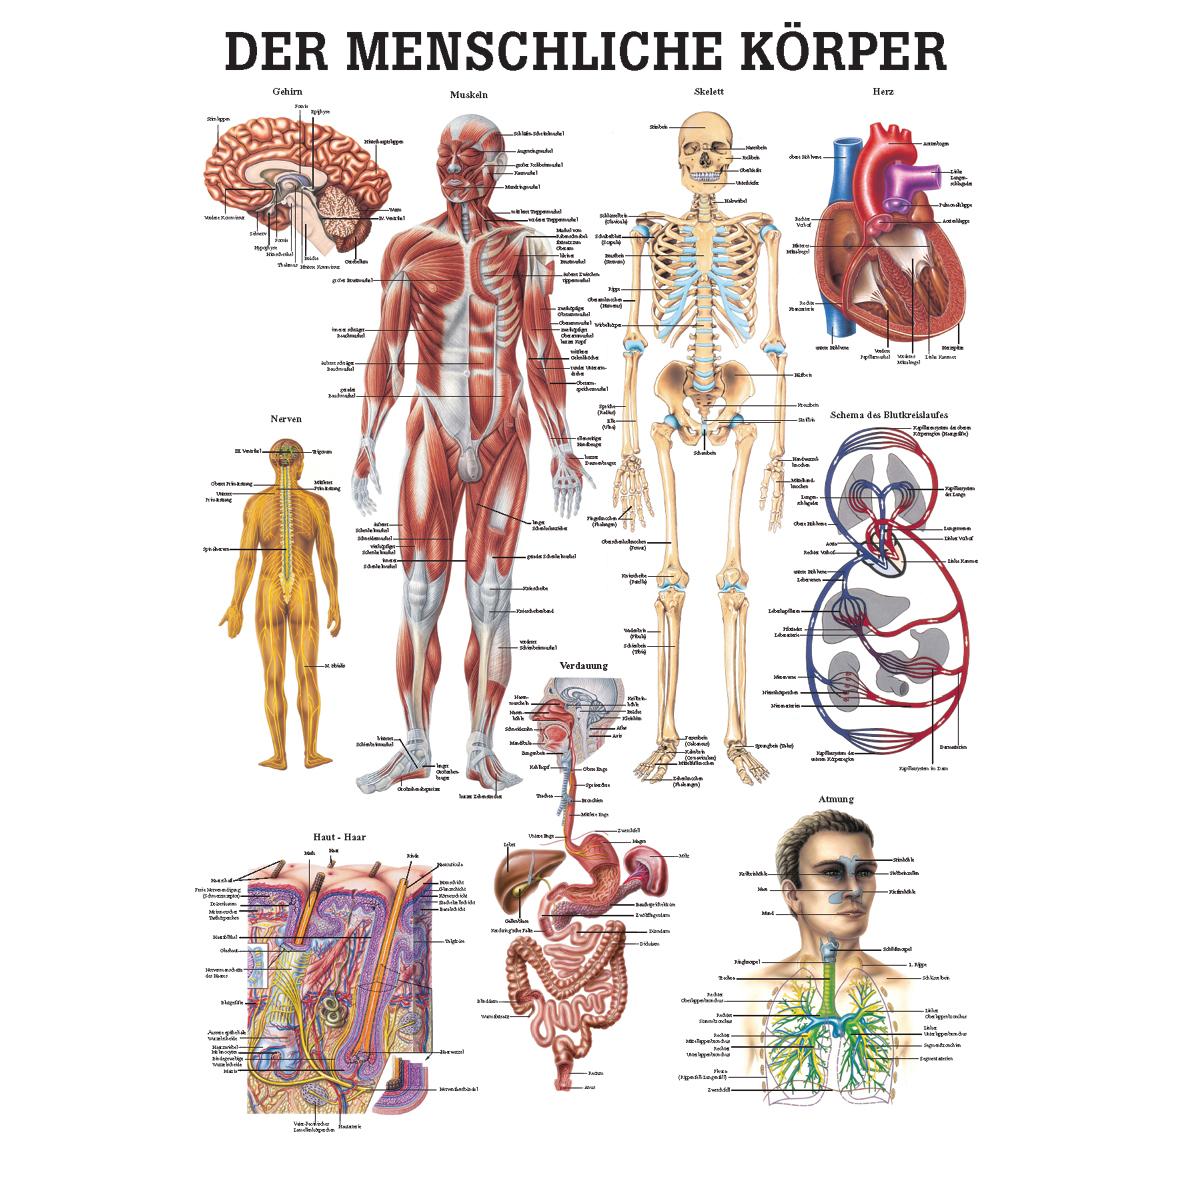 Großartig Mann Anatomie Körper Ideen - Menschliche Anatomie Bilder ...